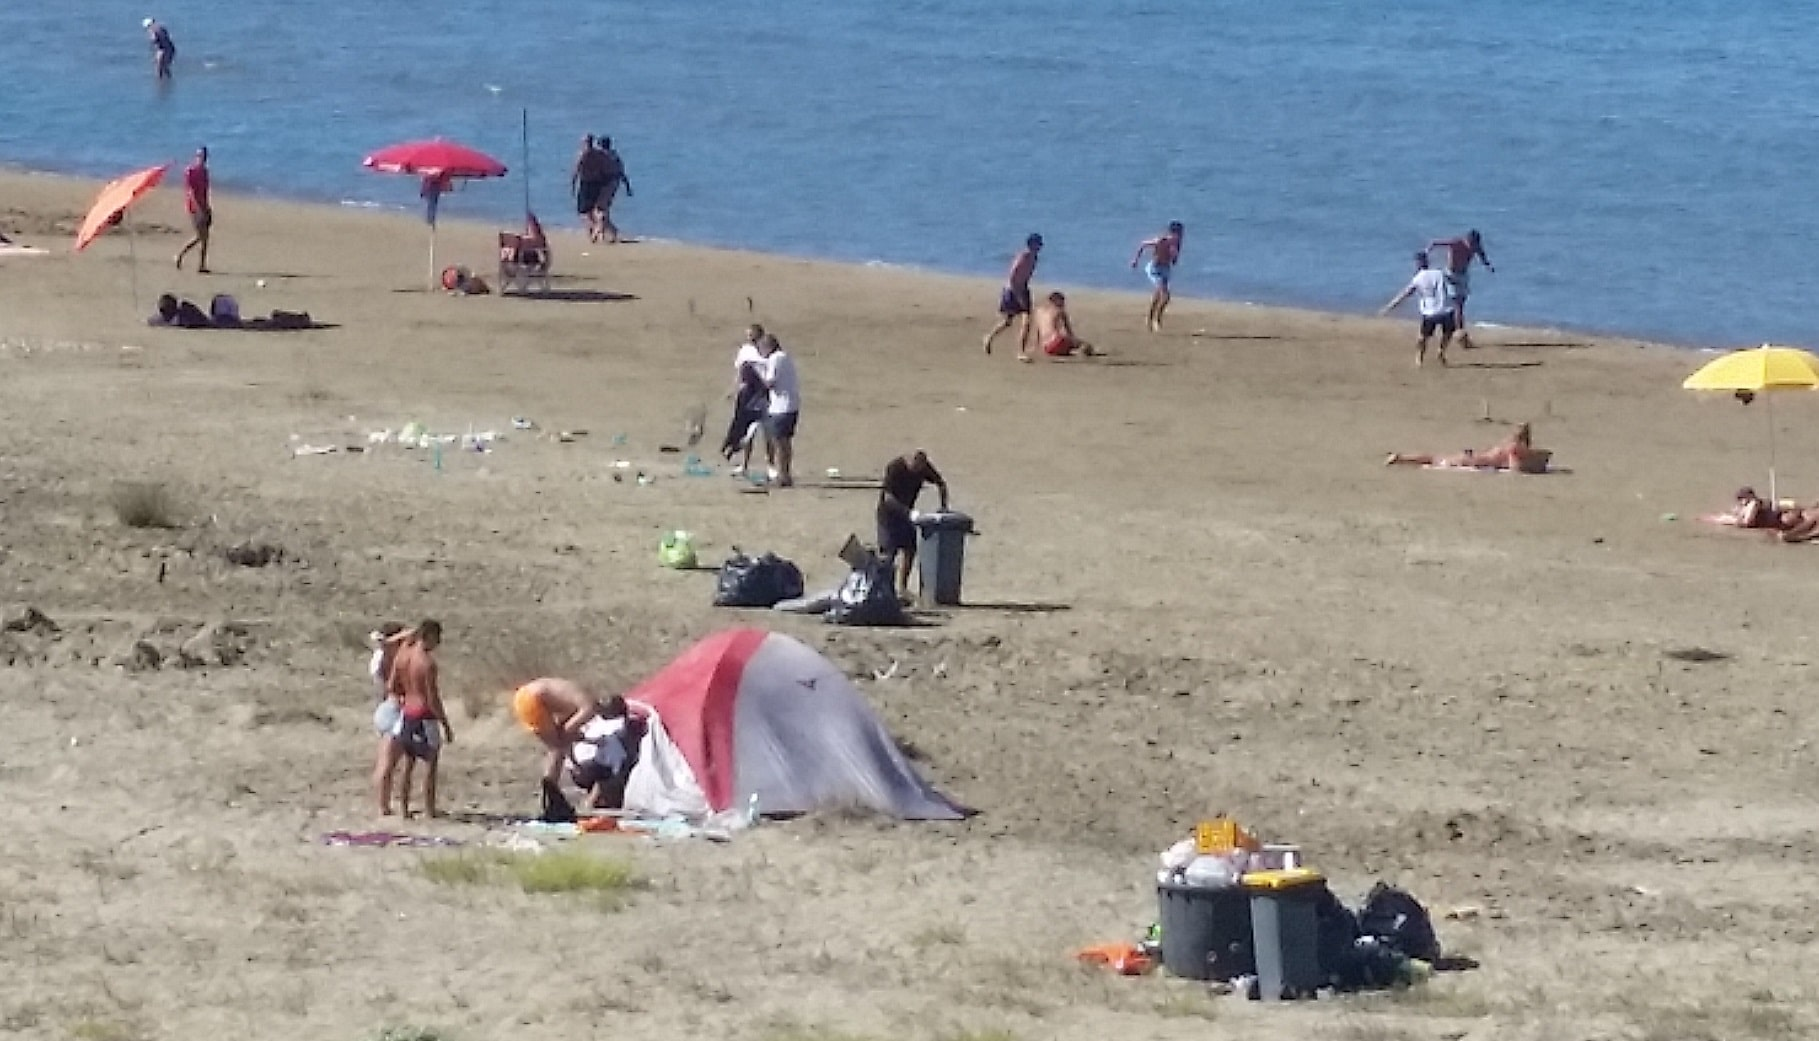 Matrimonio Spiaggia Anzio : Notte di ferragosto niente eccessi e spiagge ripulite all